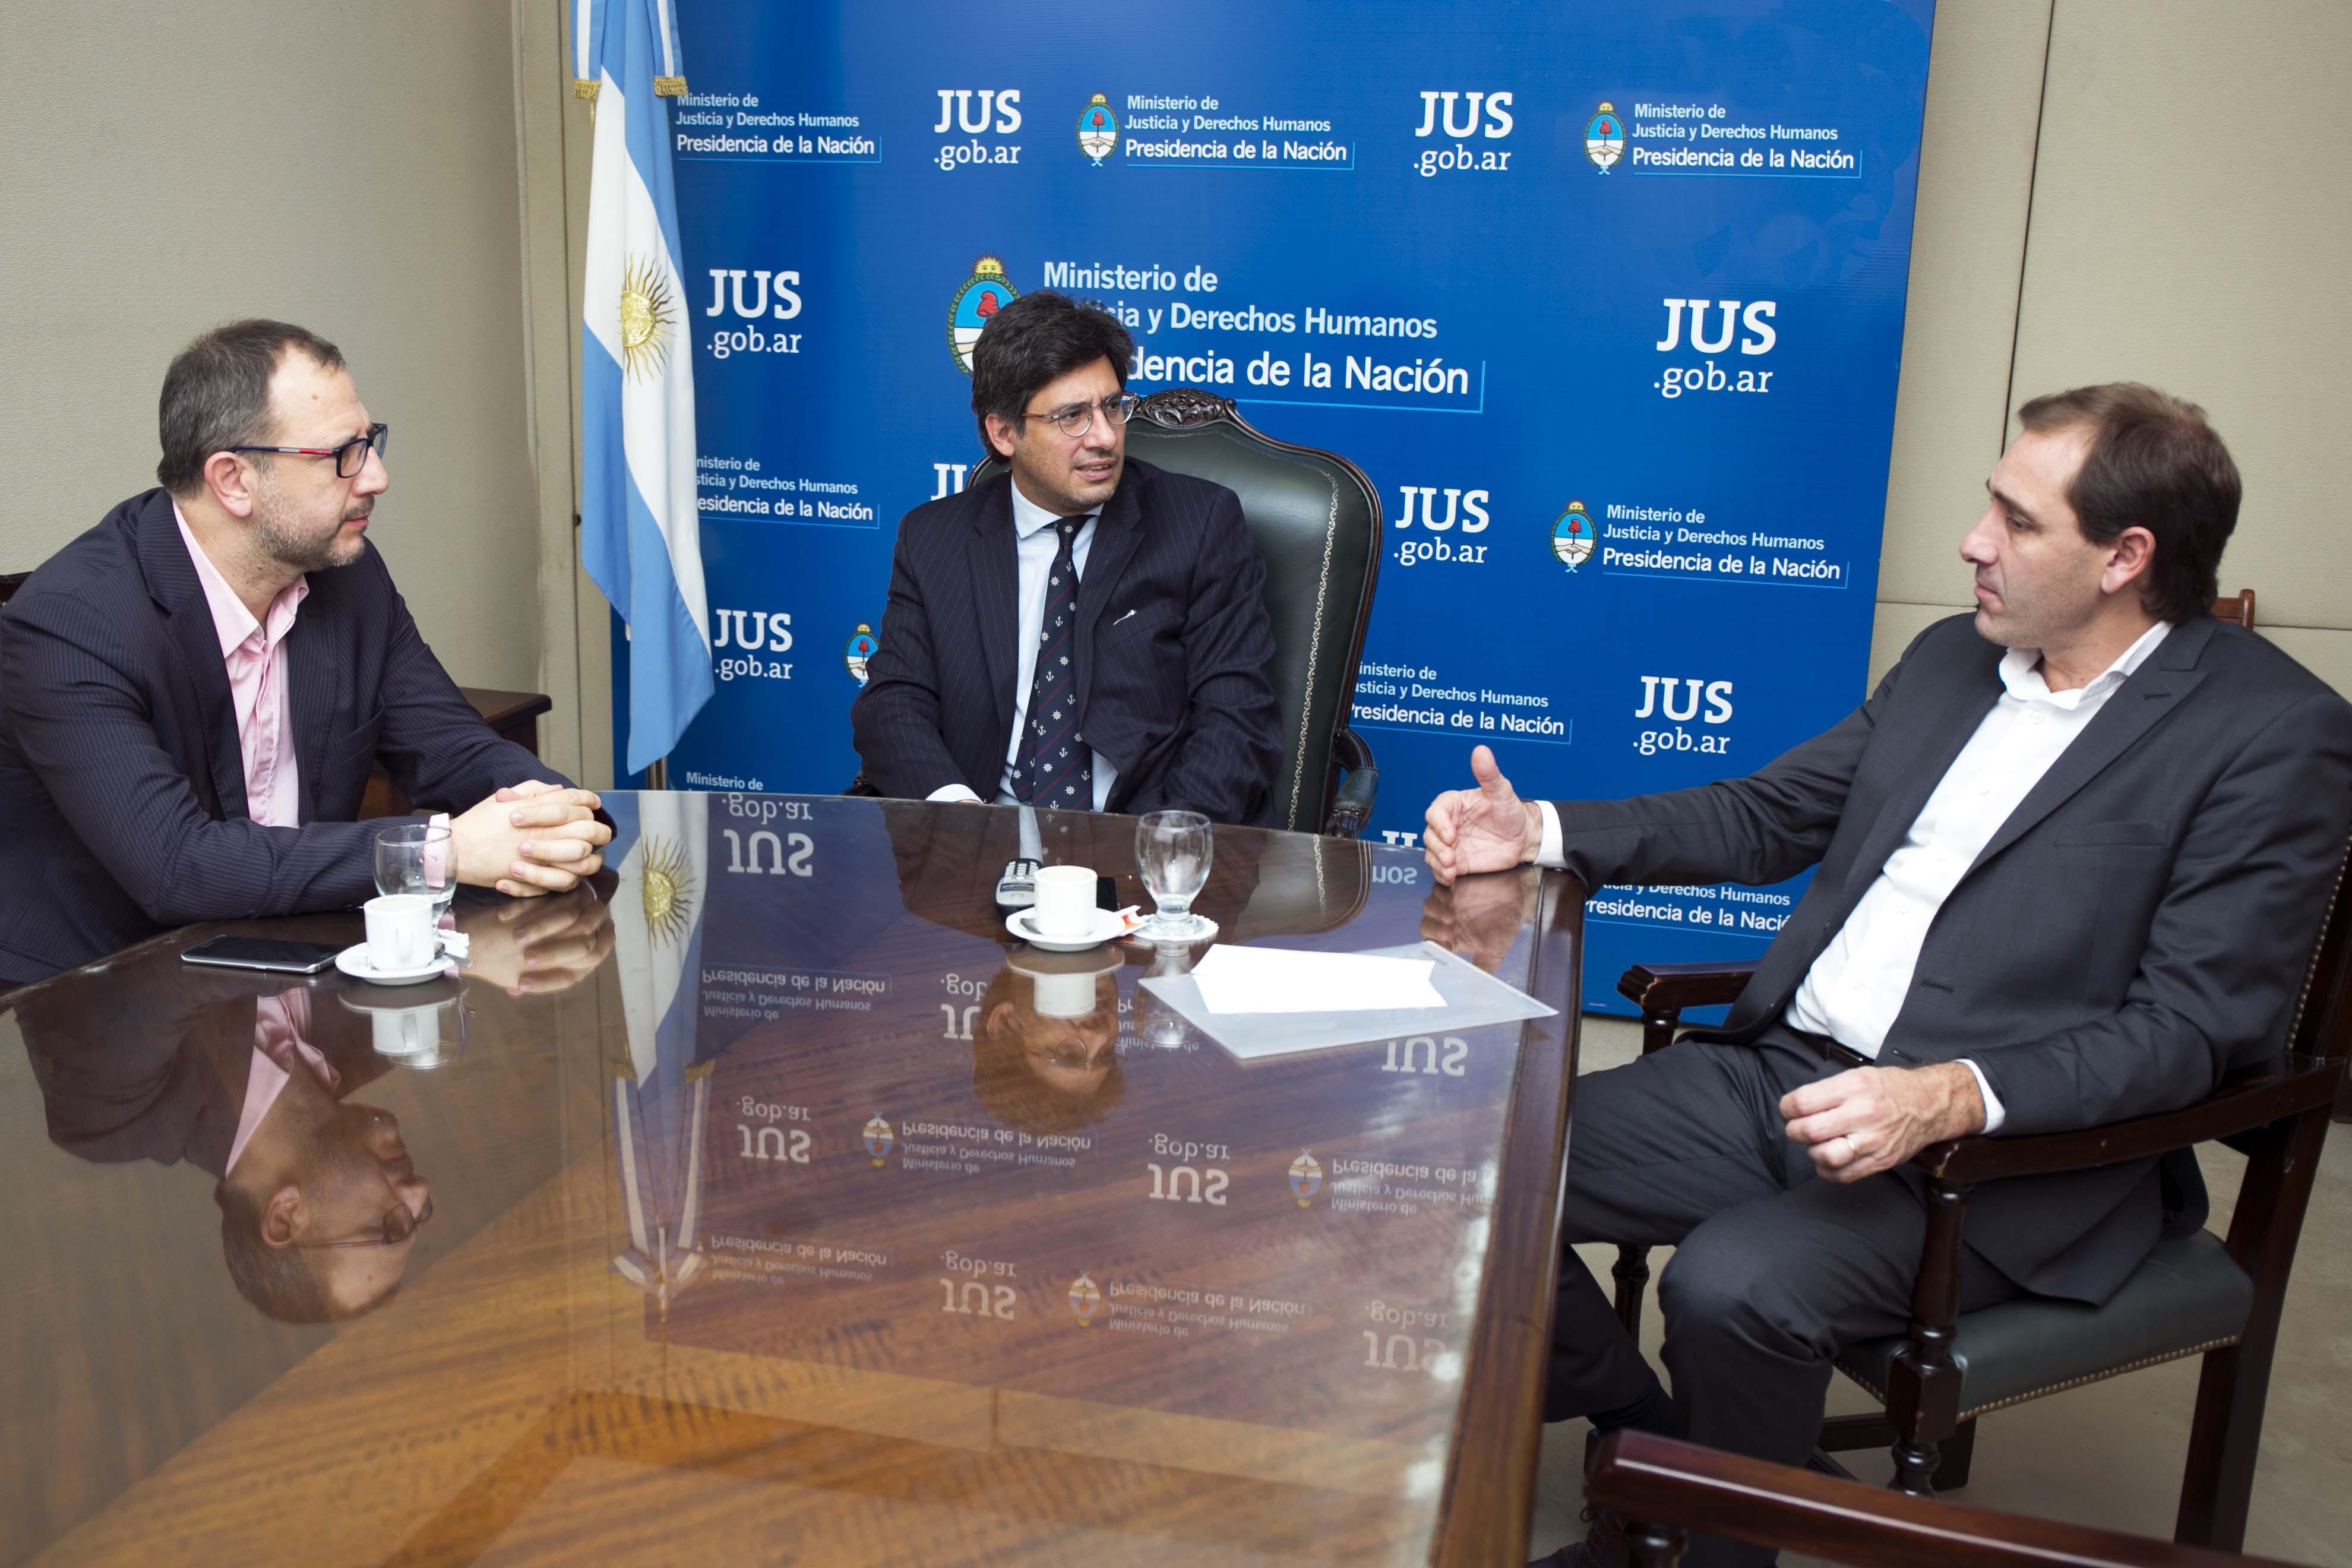 Reunión de trabajo con la provincia de Buenos Aires y la ciudad de La Plata